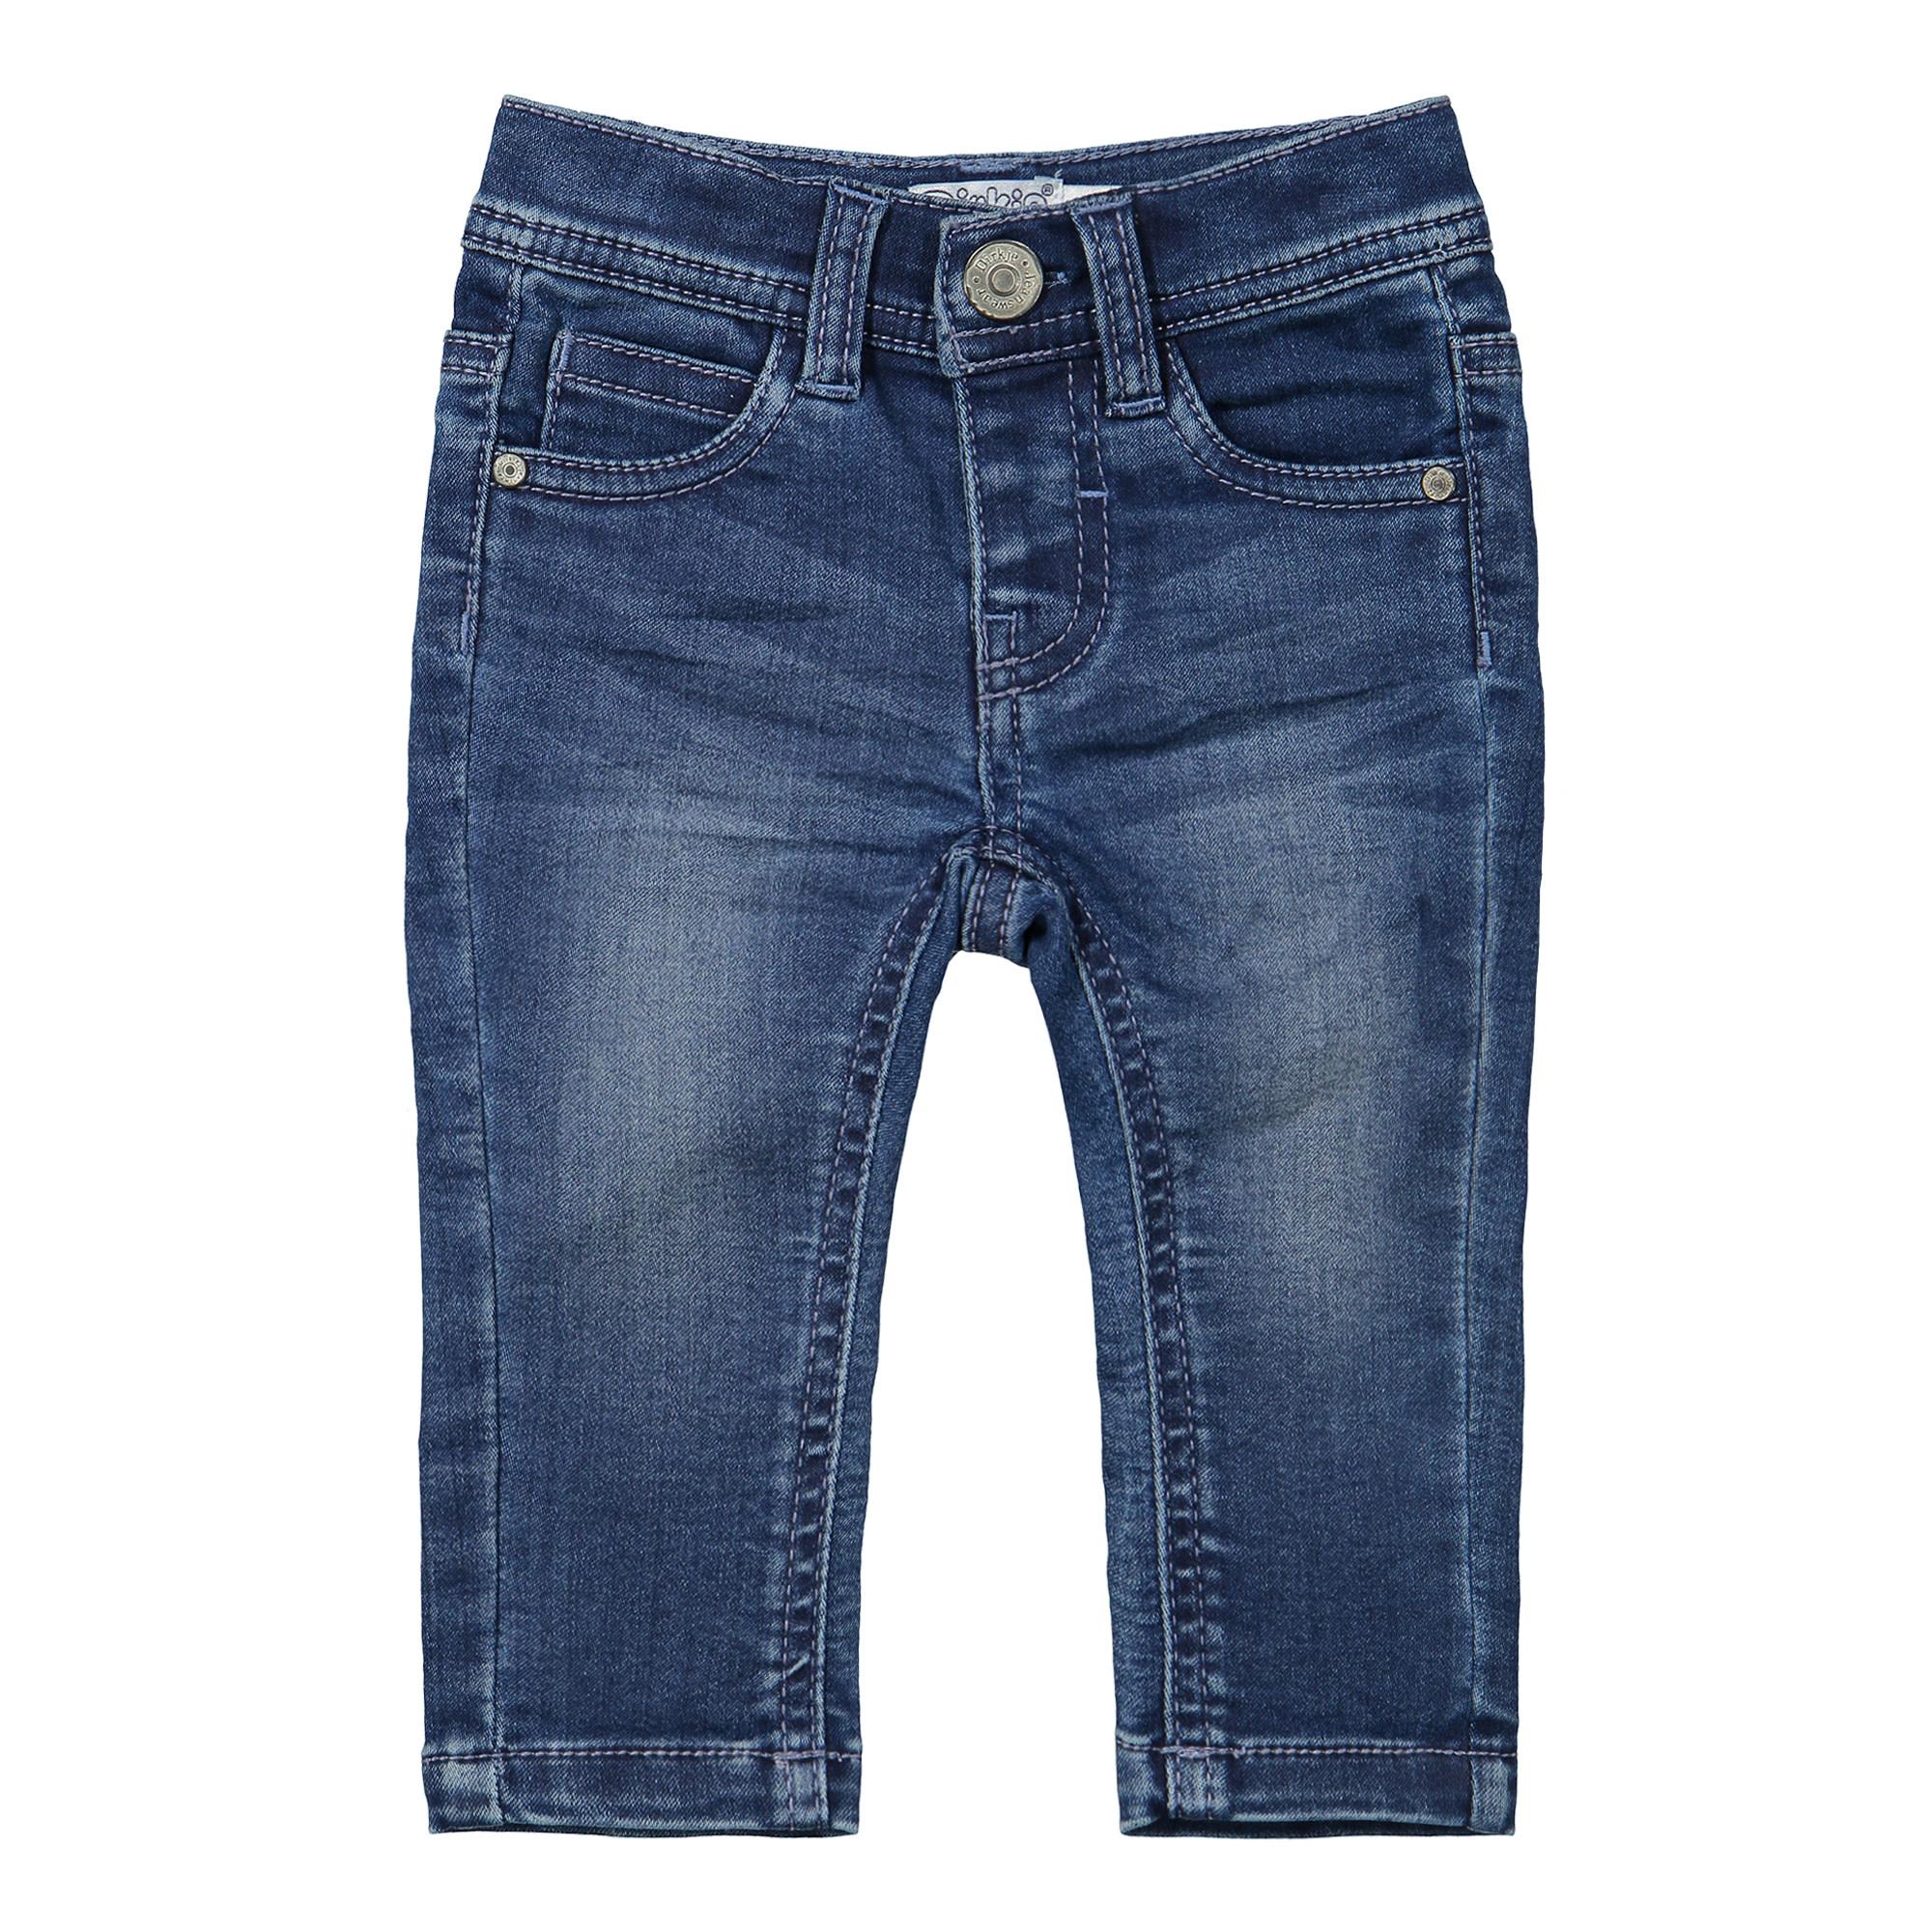 Boys Dark Wash Jeans